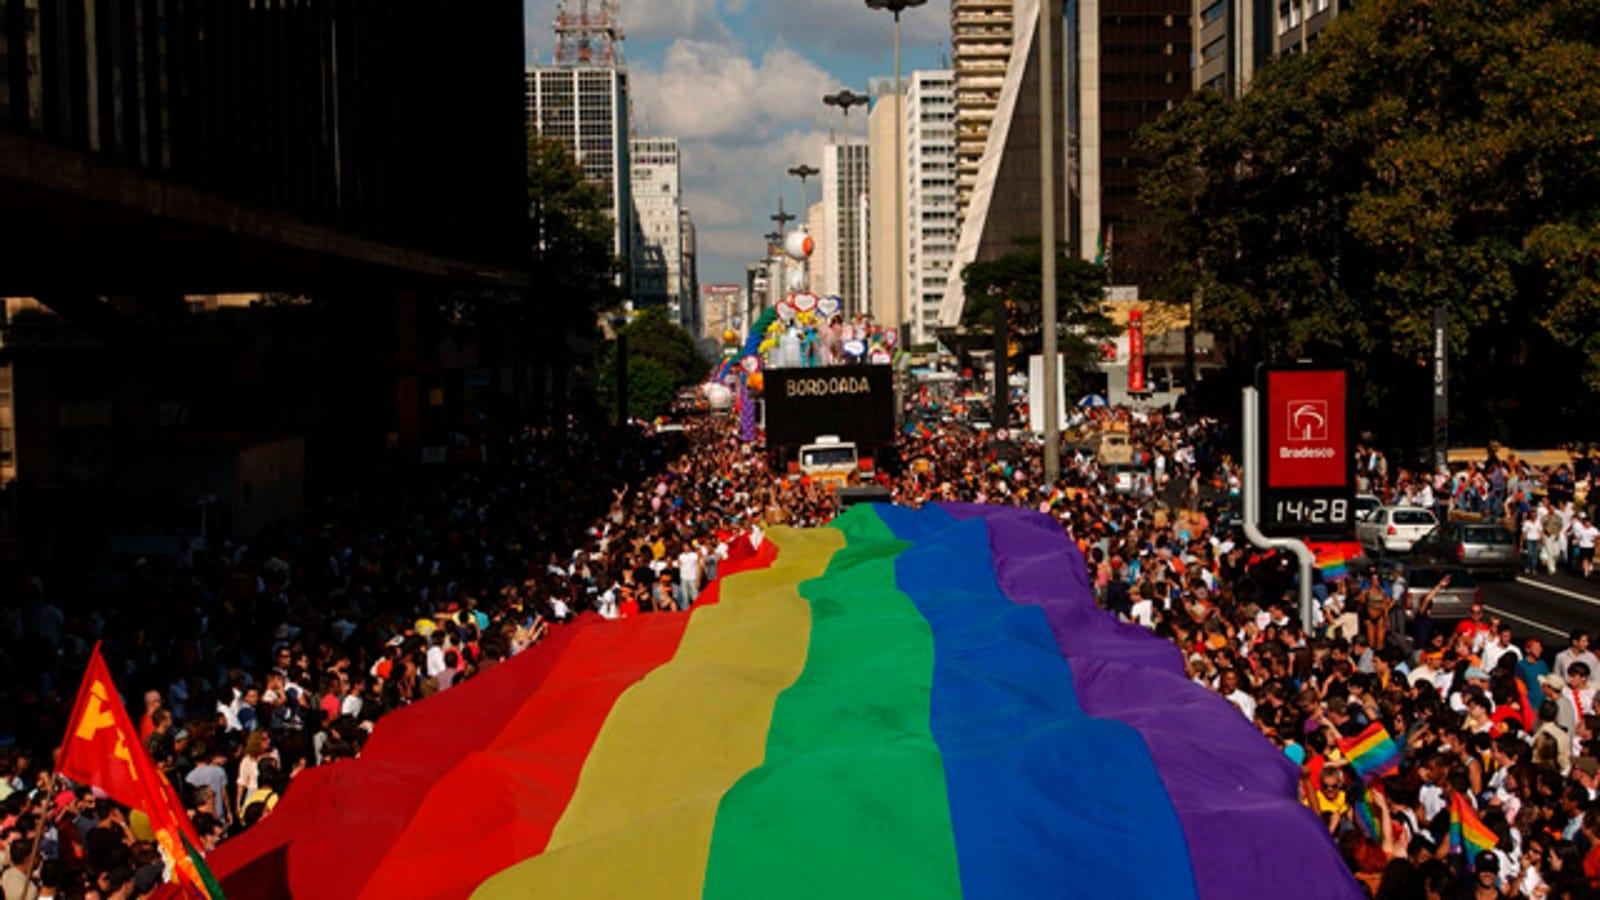 Brazil heterosexual pride day